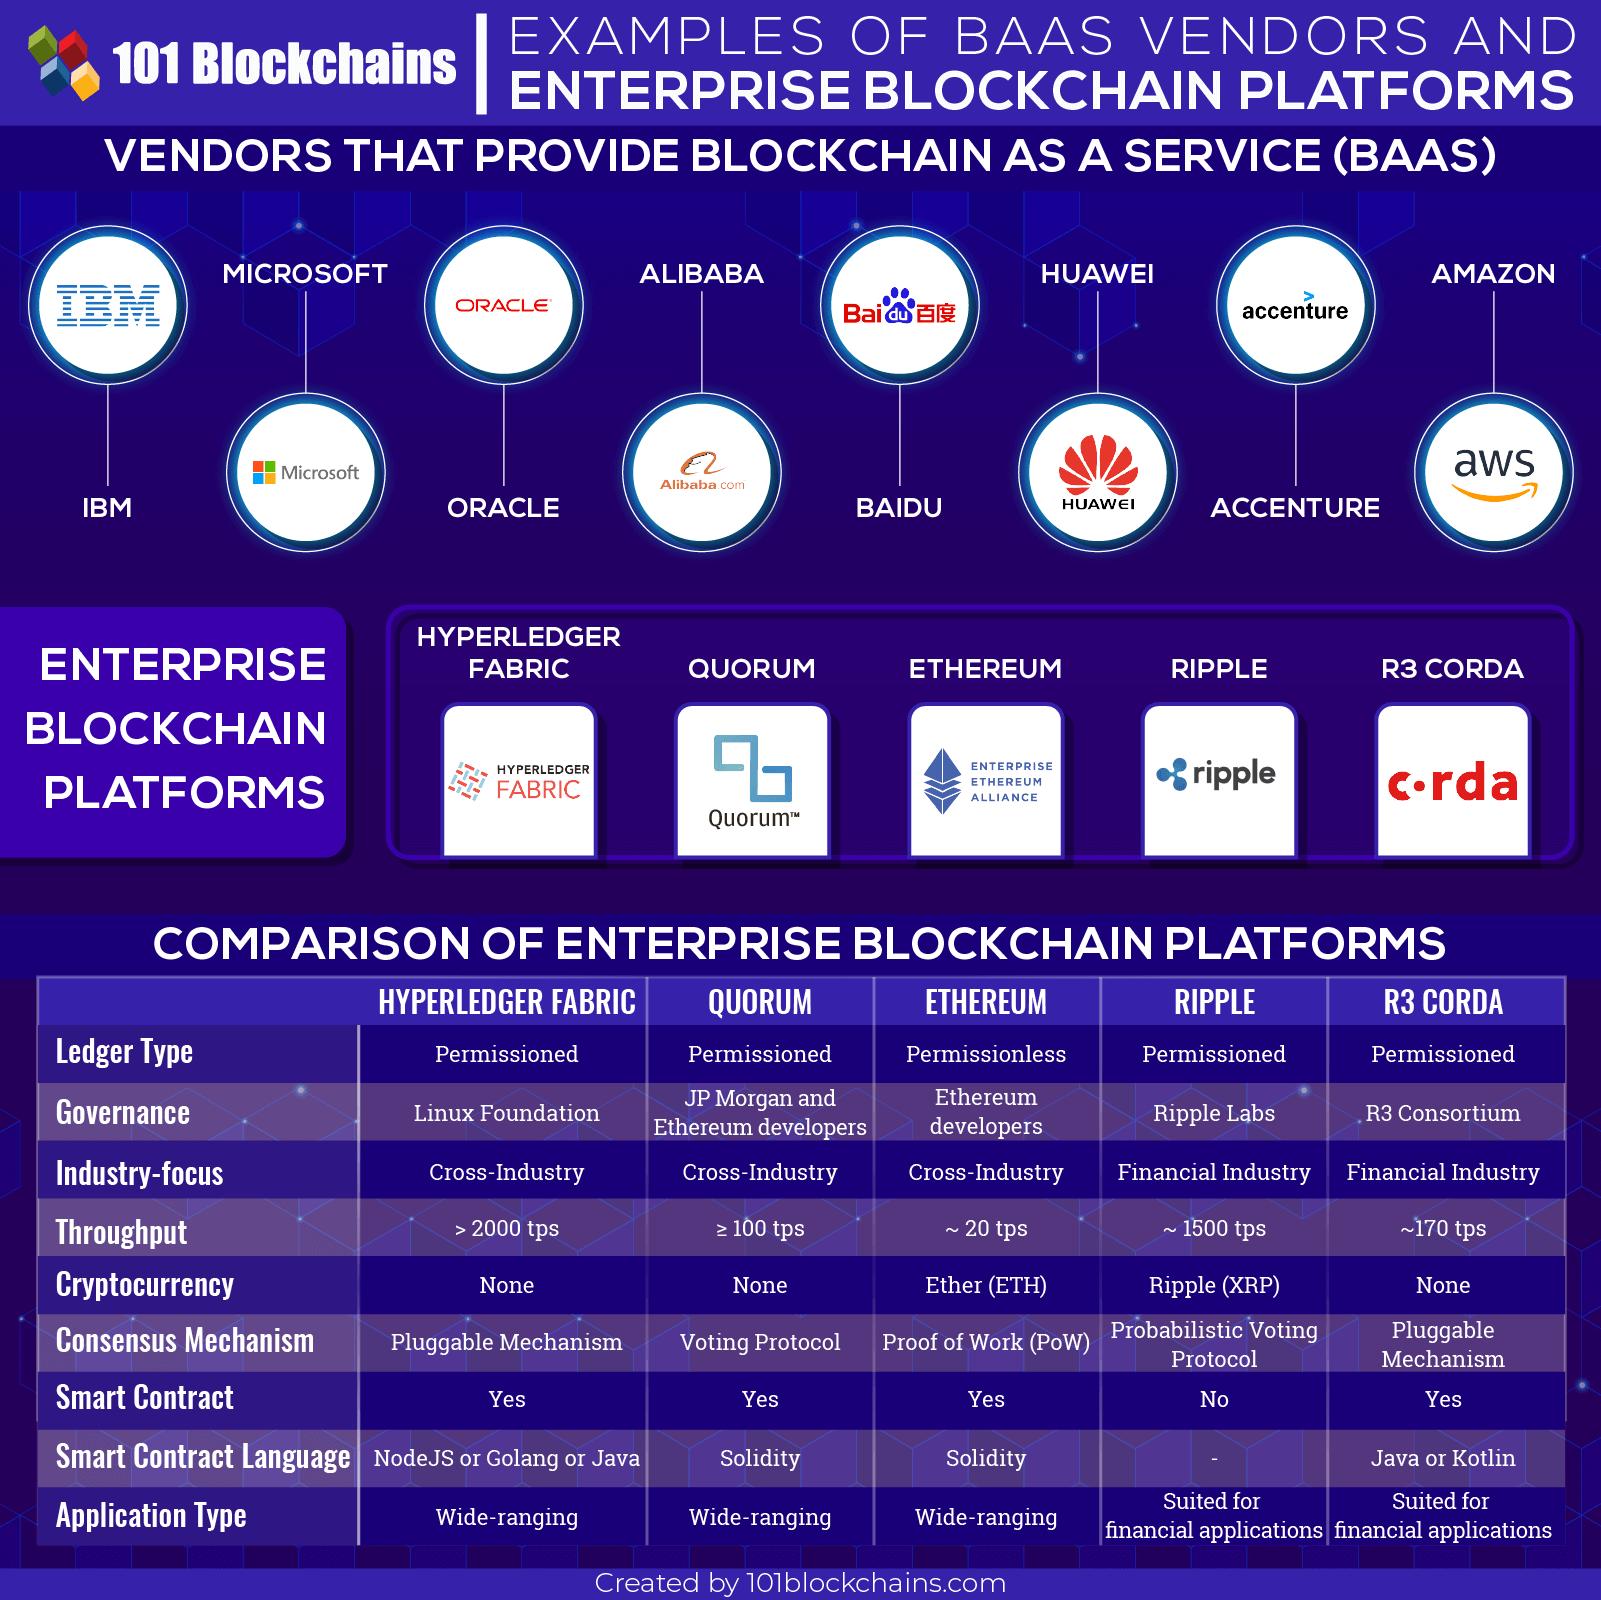 блокчейн платформы поставщиков Baas